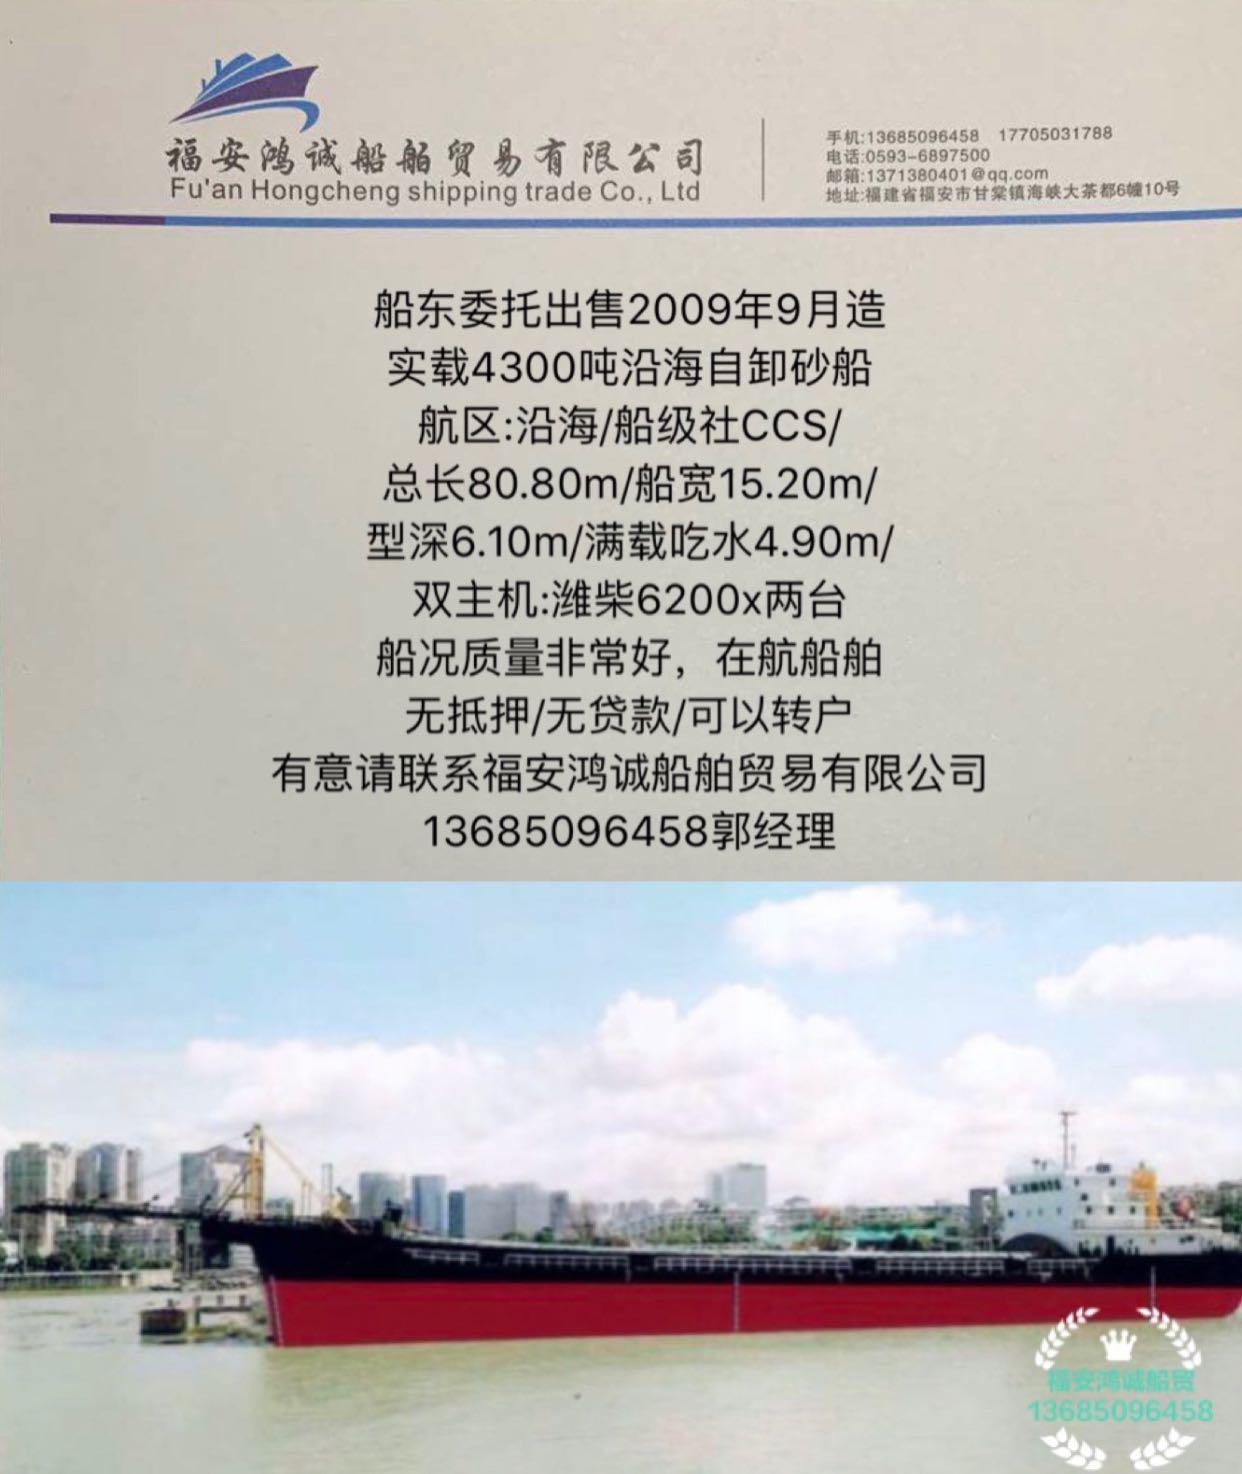 出售实载4300吨沿海自卸砂船